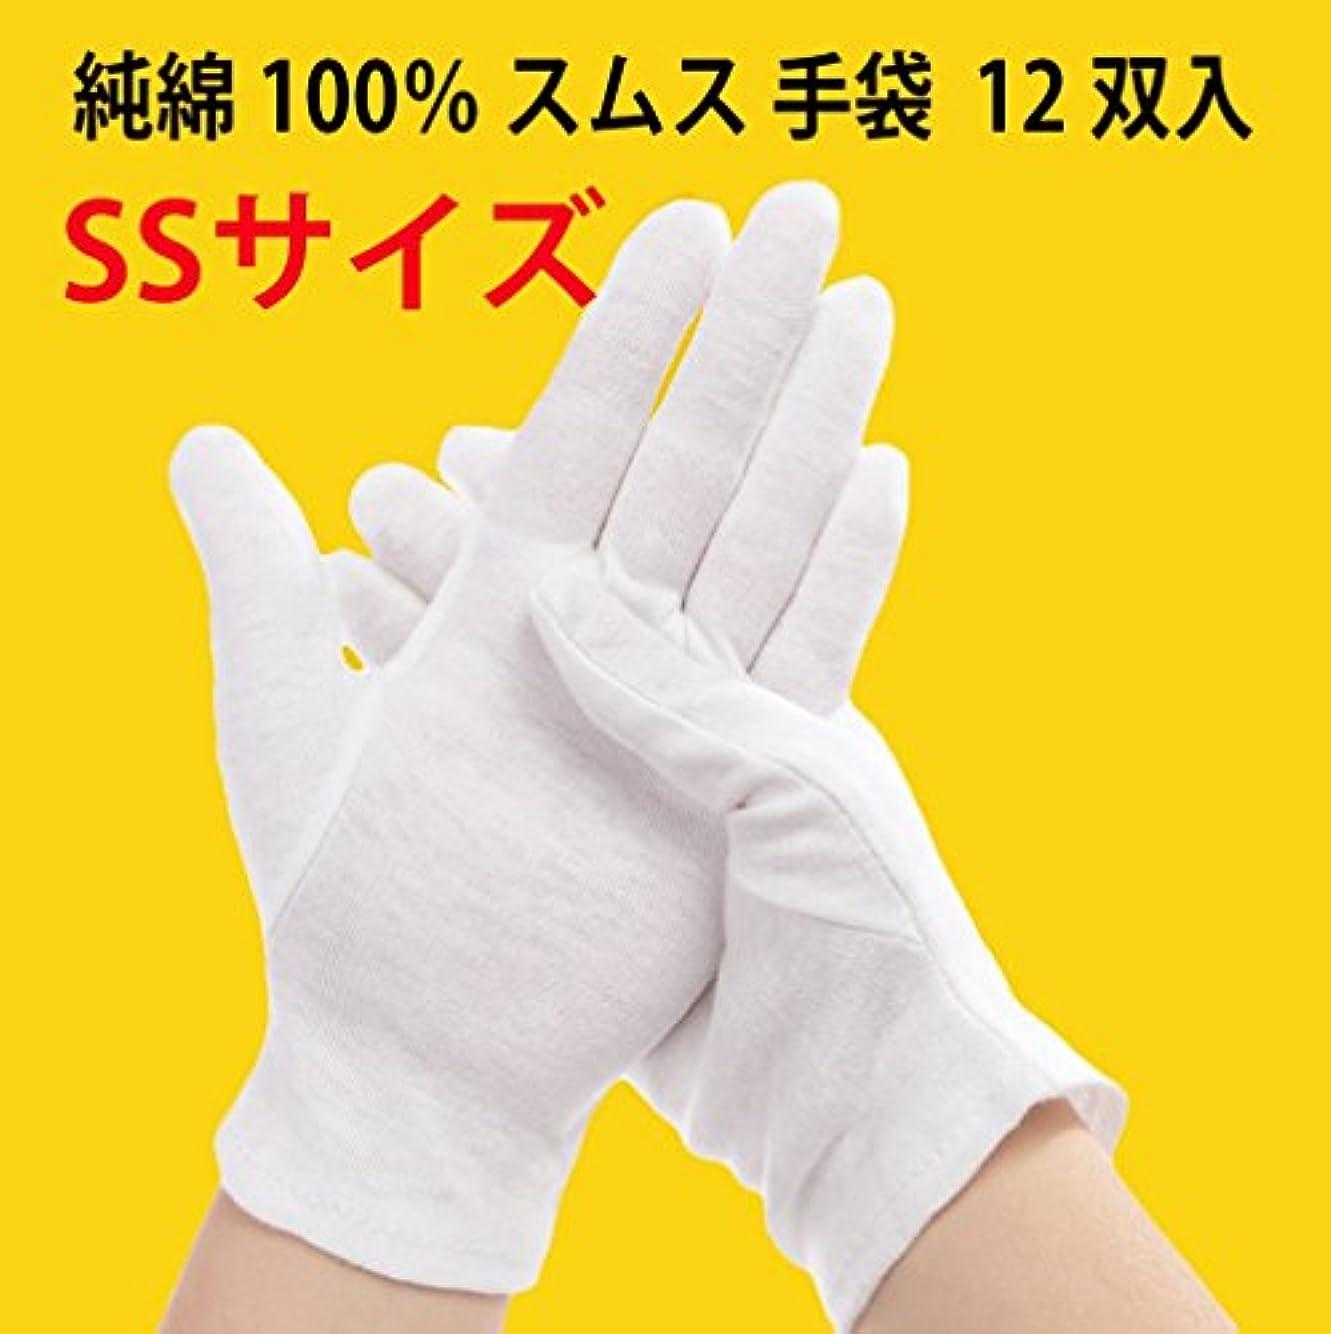 純綿100% スムス 手袋 SSサイズ 12双入 子供?女性に最適 多用途 作業手袋 101111